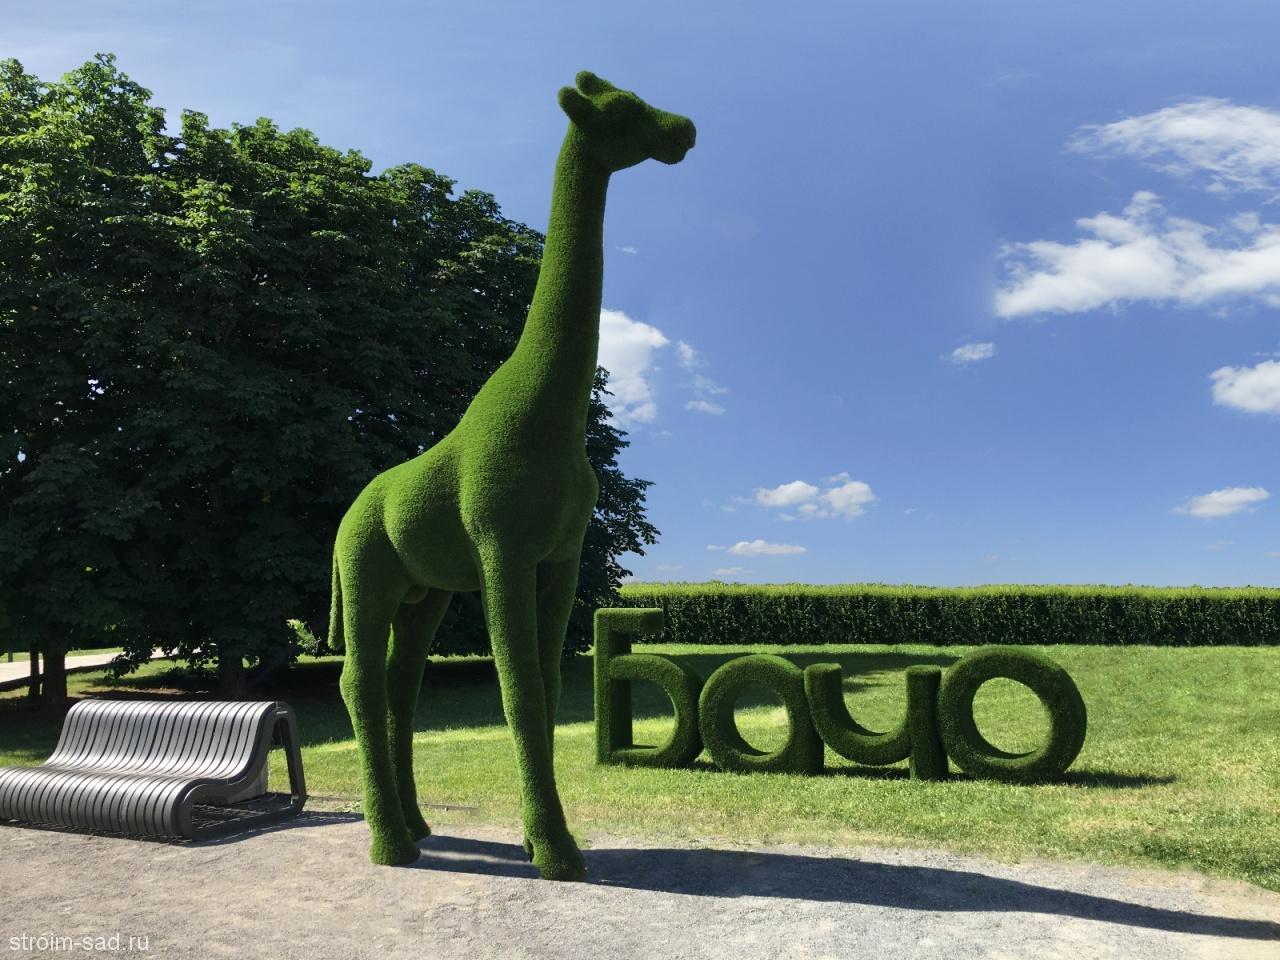 Топиари Жираф